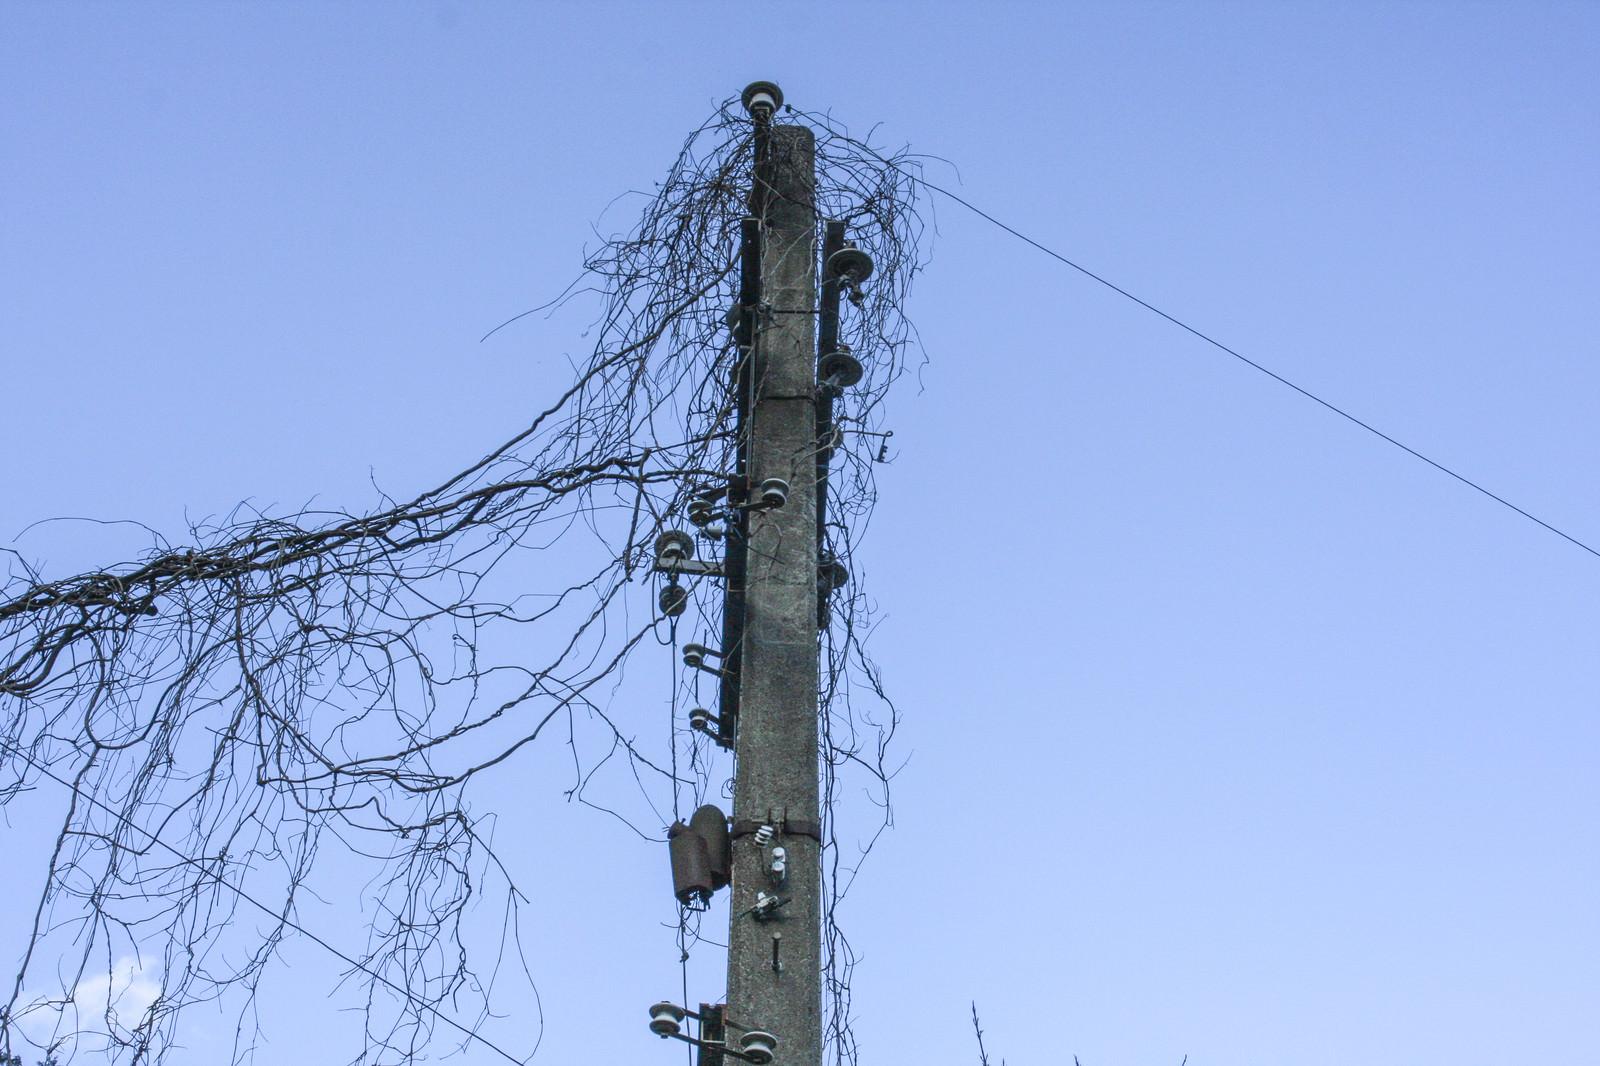 「蔦が絡まった使われていない電柱」の写真